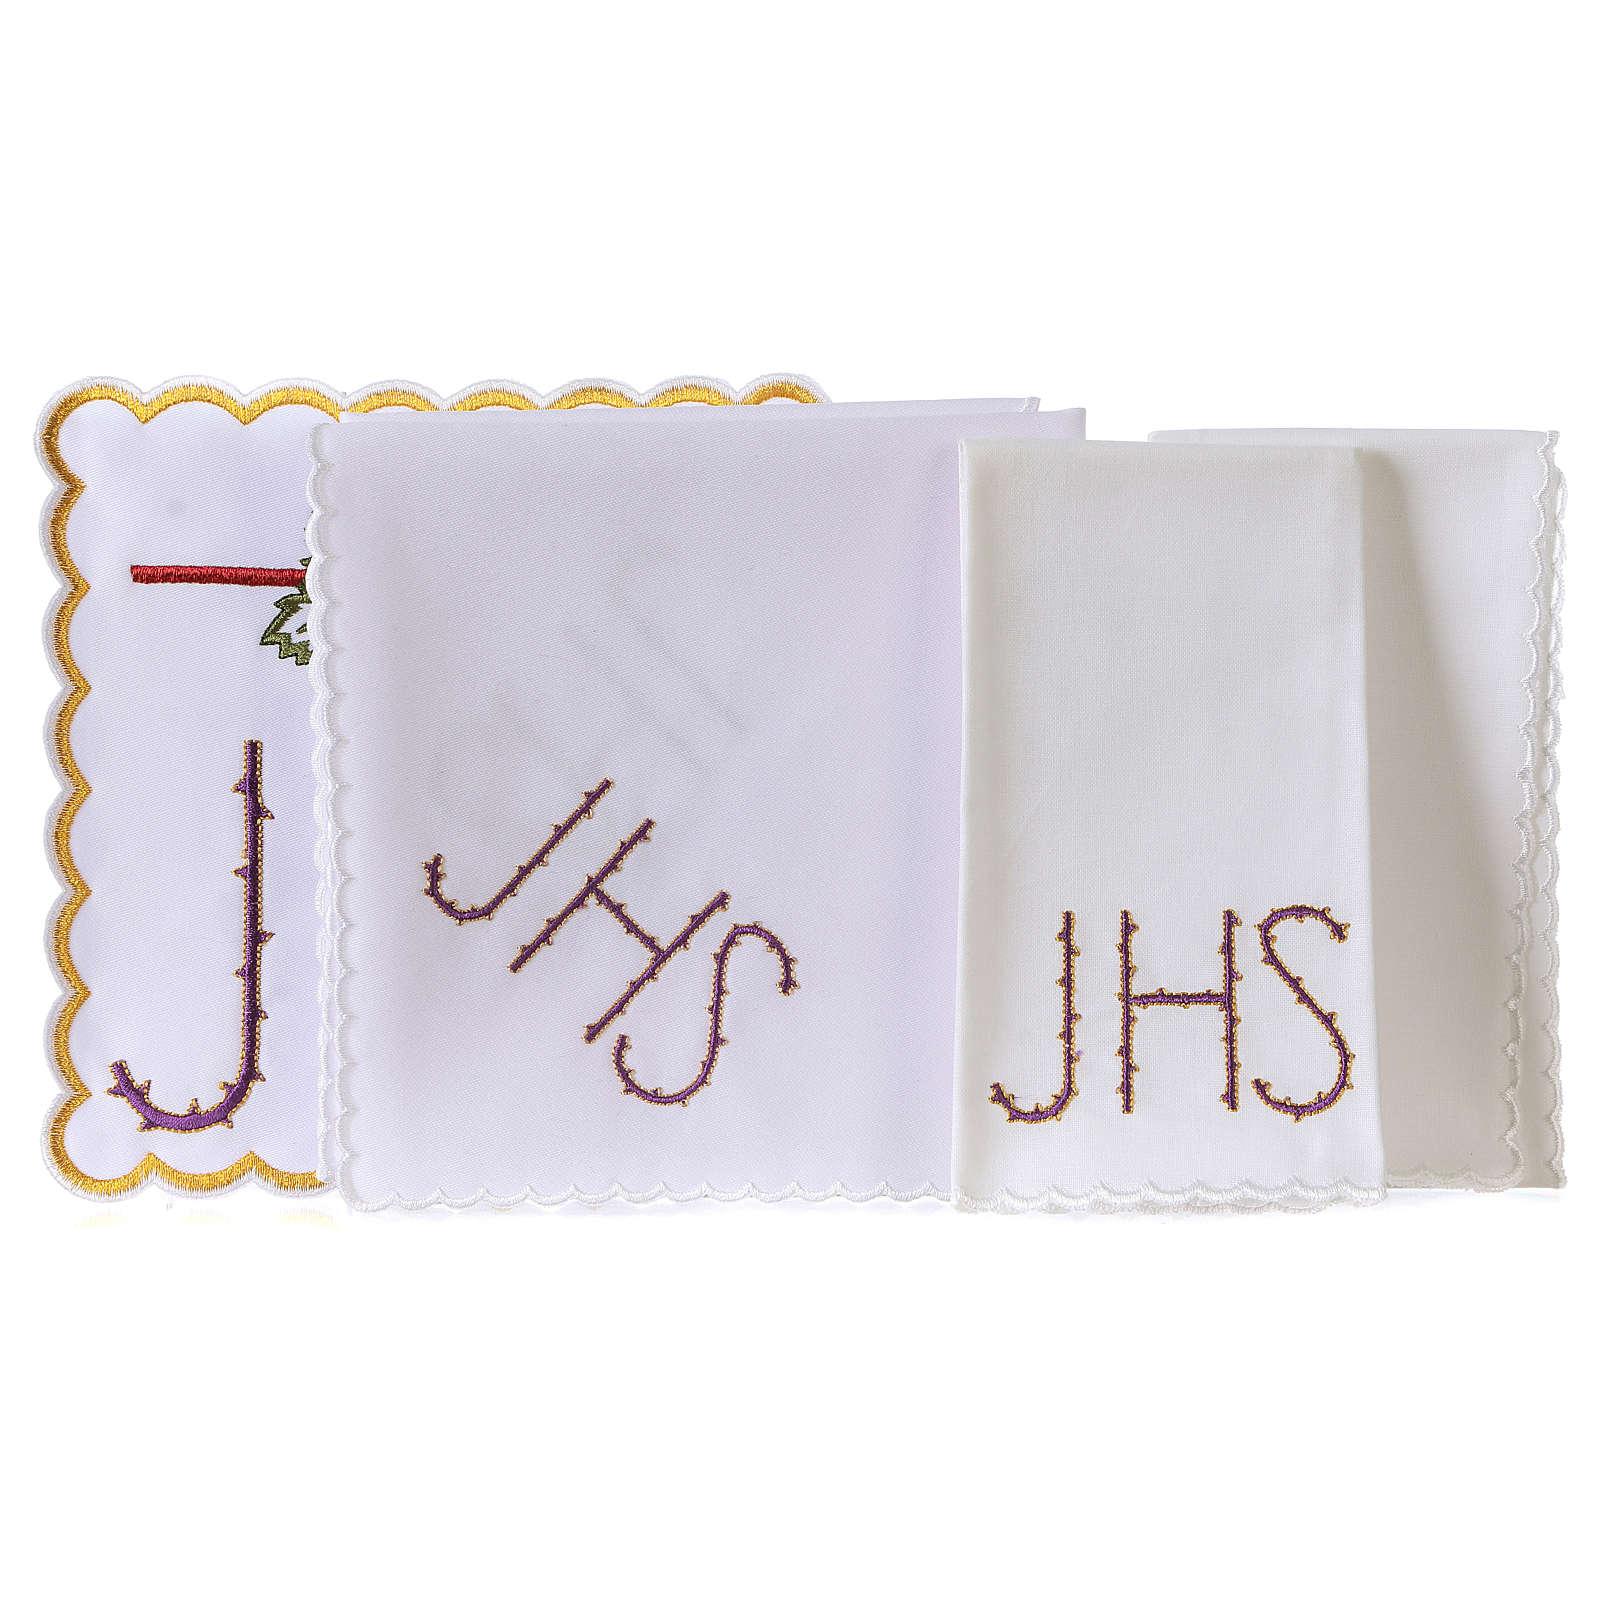 Servizio da altare cotone calice foglia uva simbolo JHS spinato 4